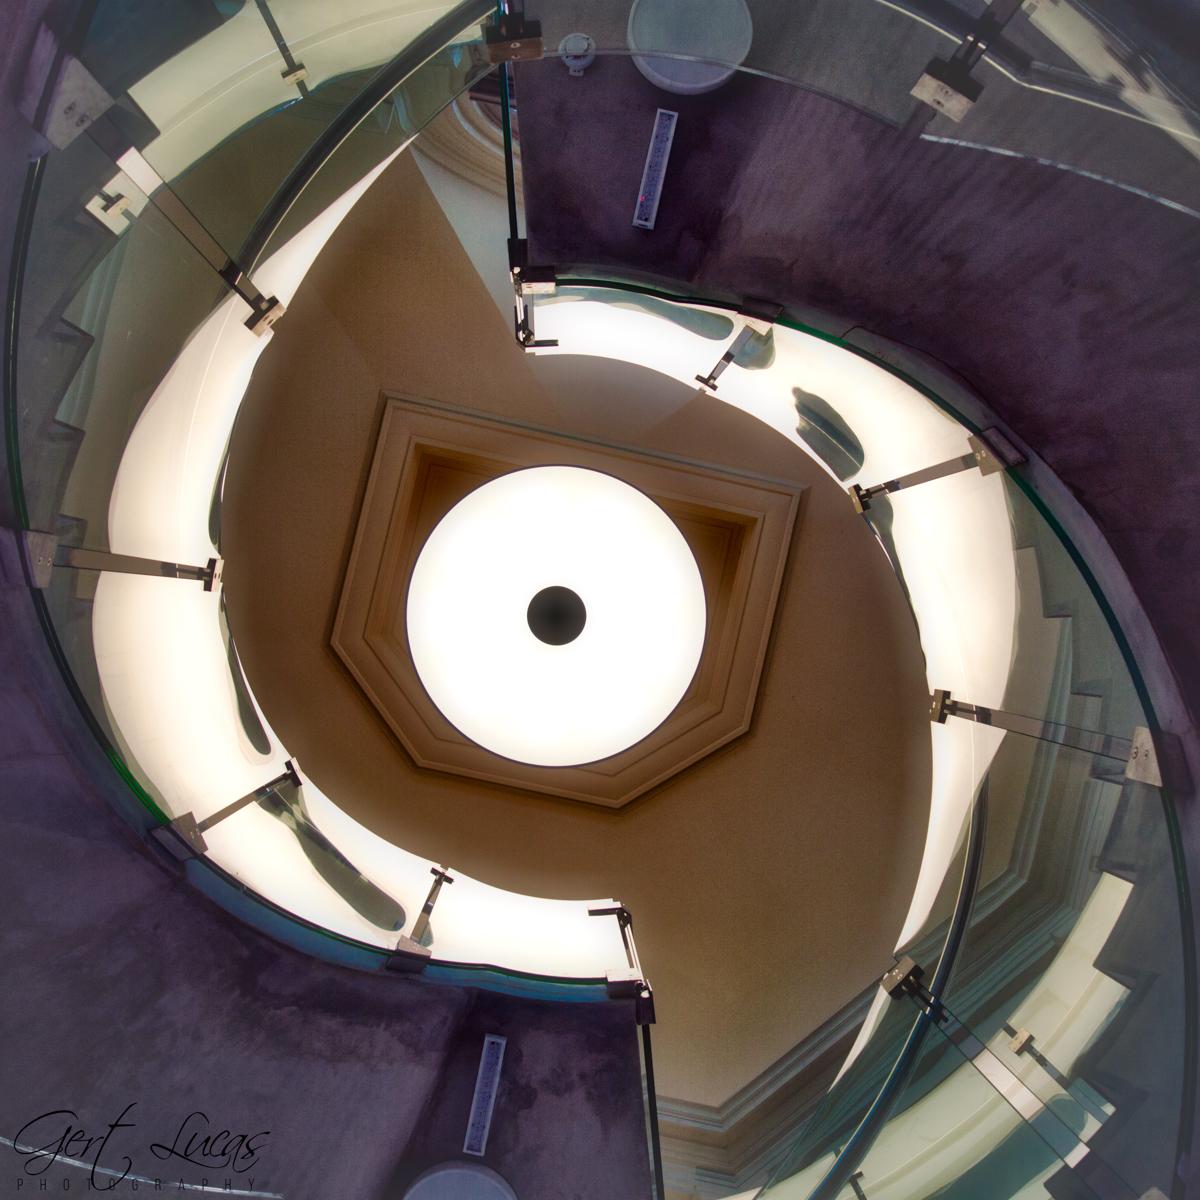 Mémorial 1815 Staircase, Belgium